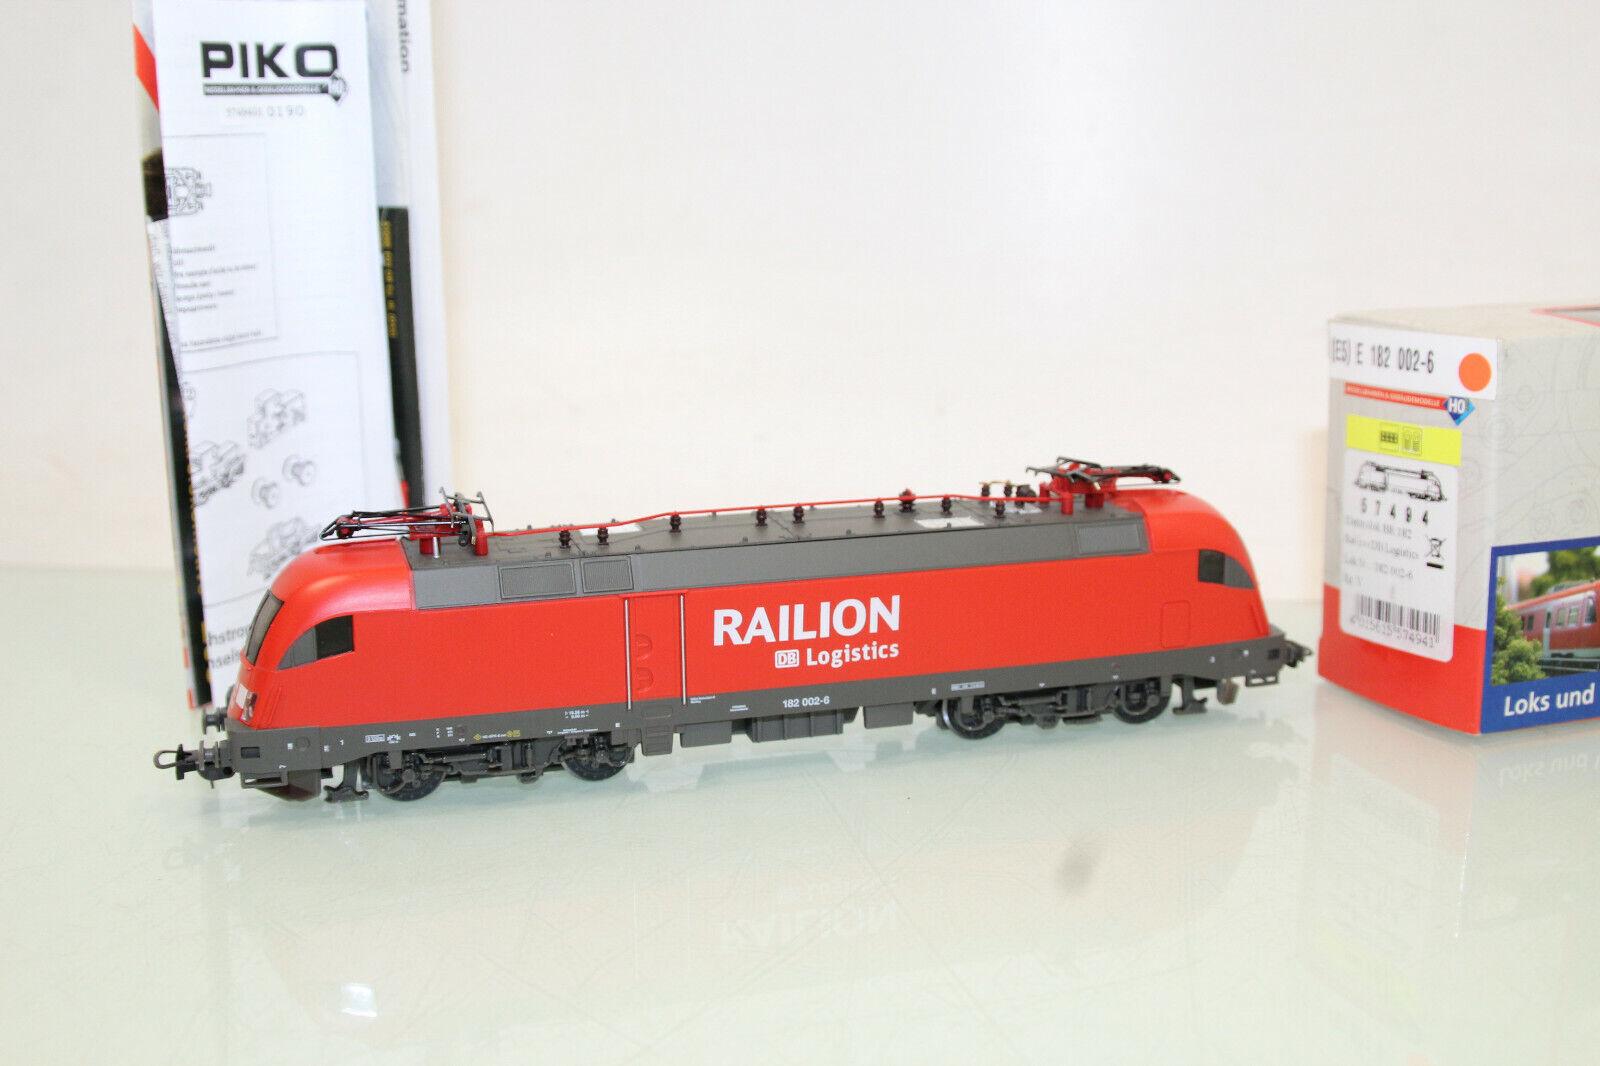 PIKO h0 57494 E-Lok BR 182 Railion Logistics DB m. DSS come nuovo in scatola originale (cl4469)